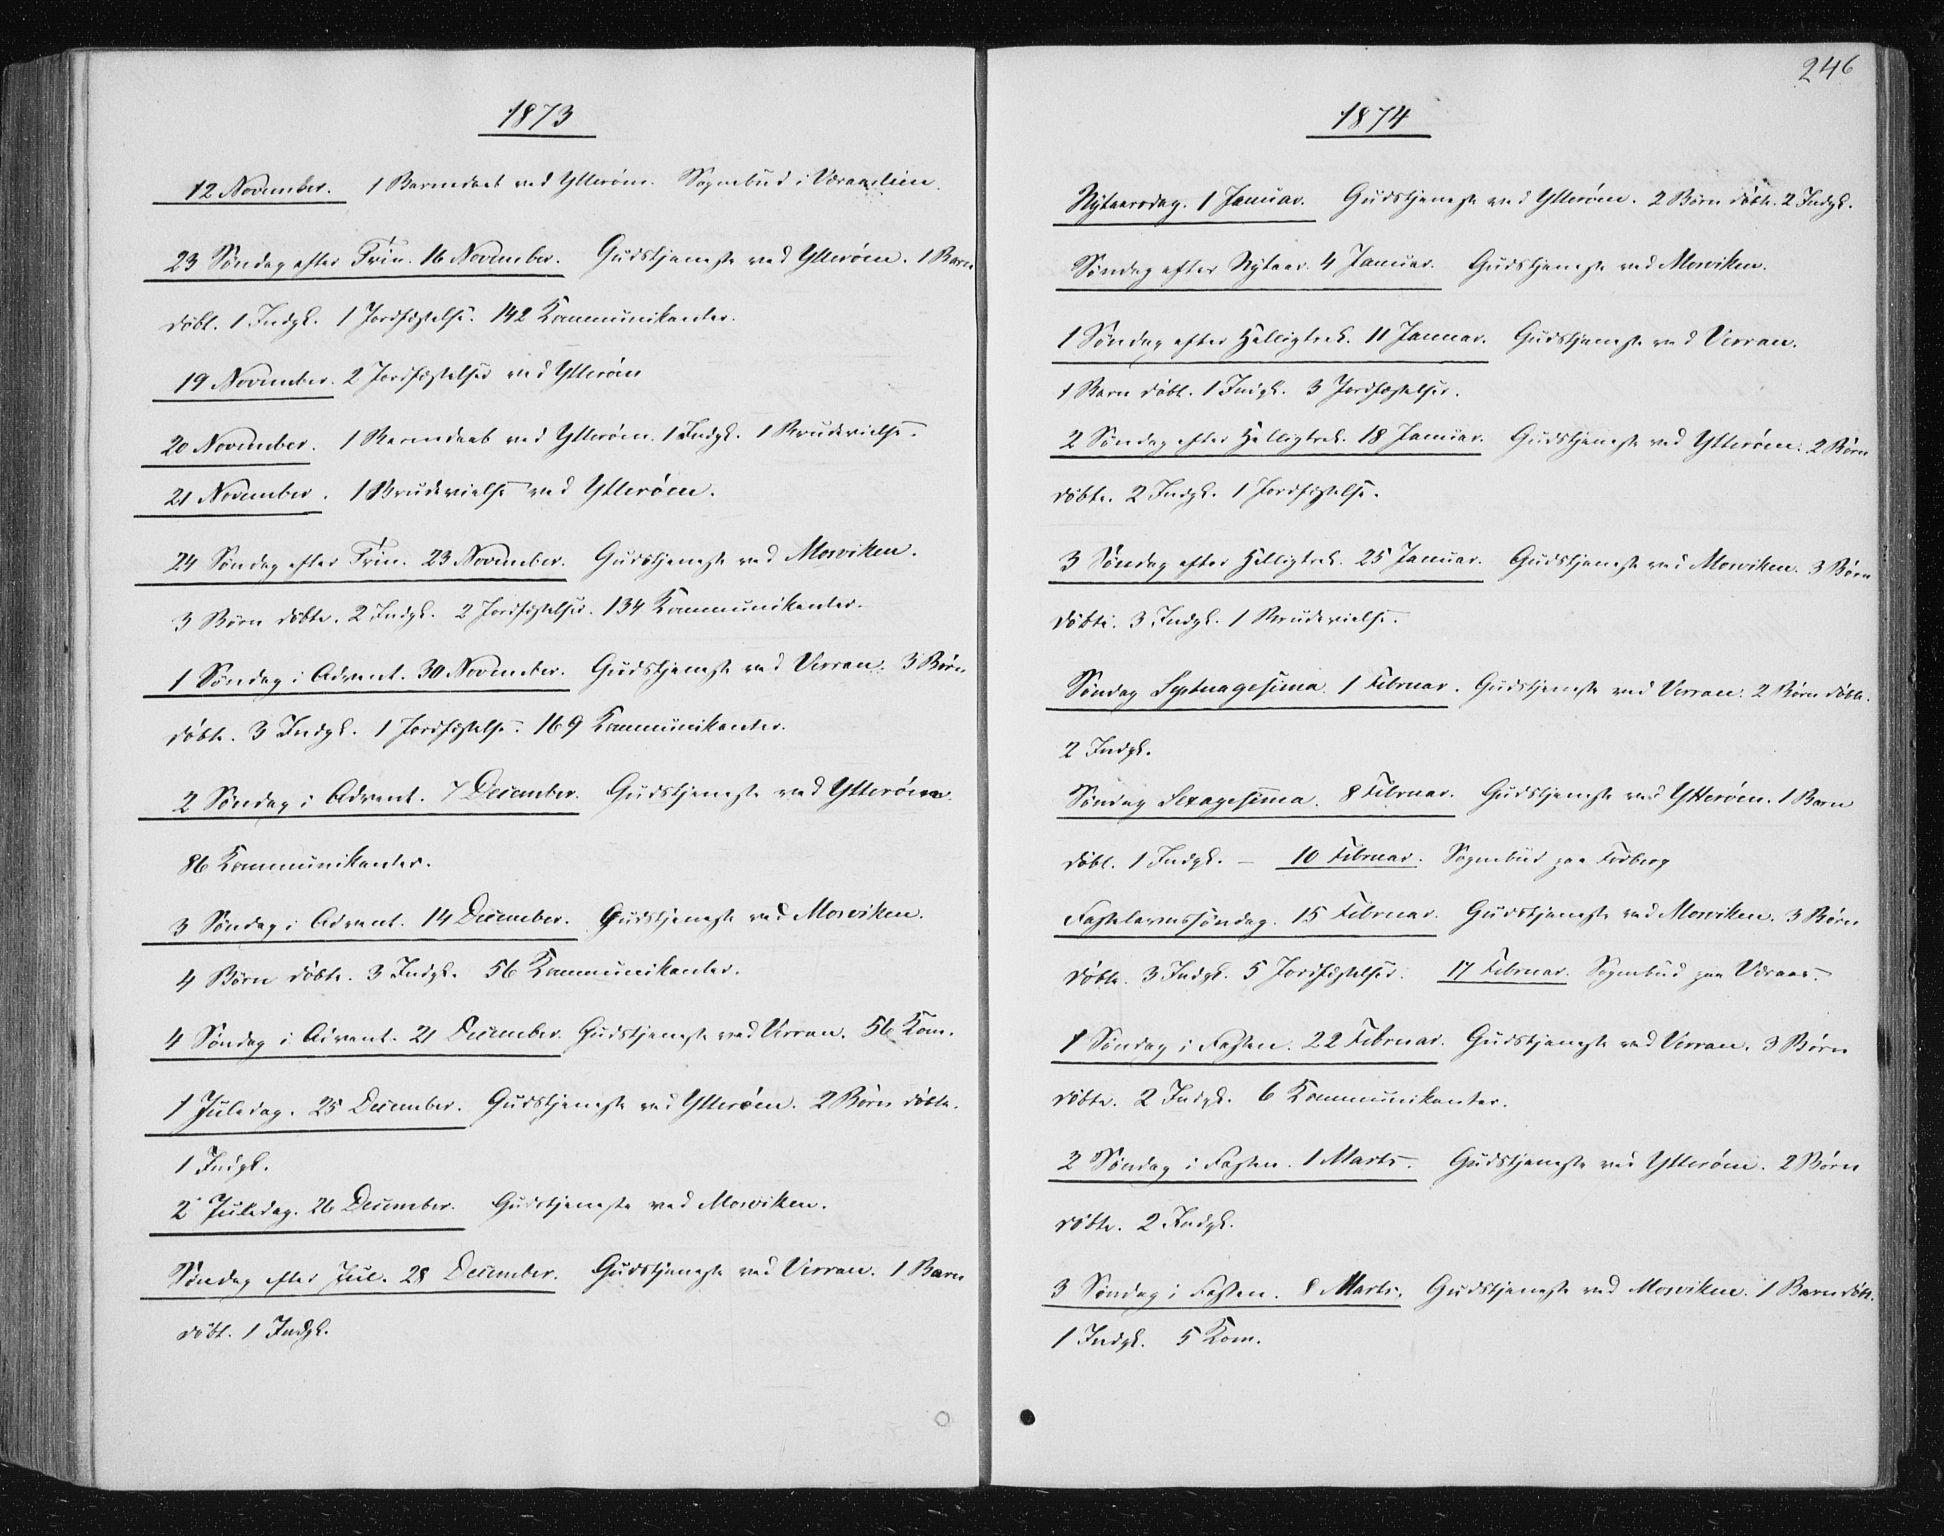 SAT, Ministerialprotokoller, klokkerbøker og fødselsregistre - Nord-Trøndelag, 722/L0219: Ministerialbok nr. 722A06, 1868-1880, s. 246